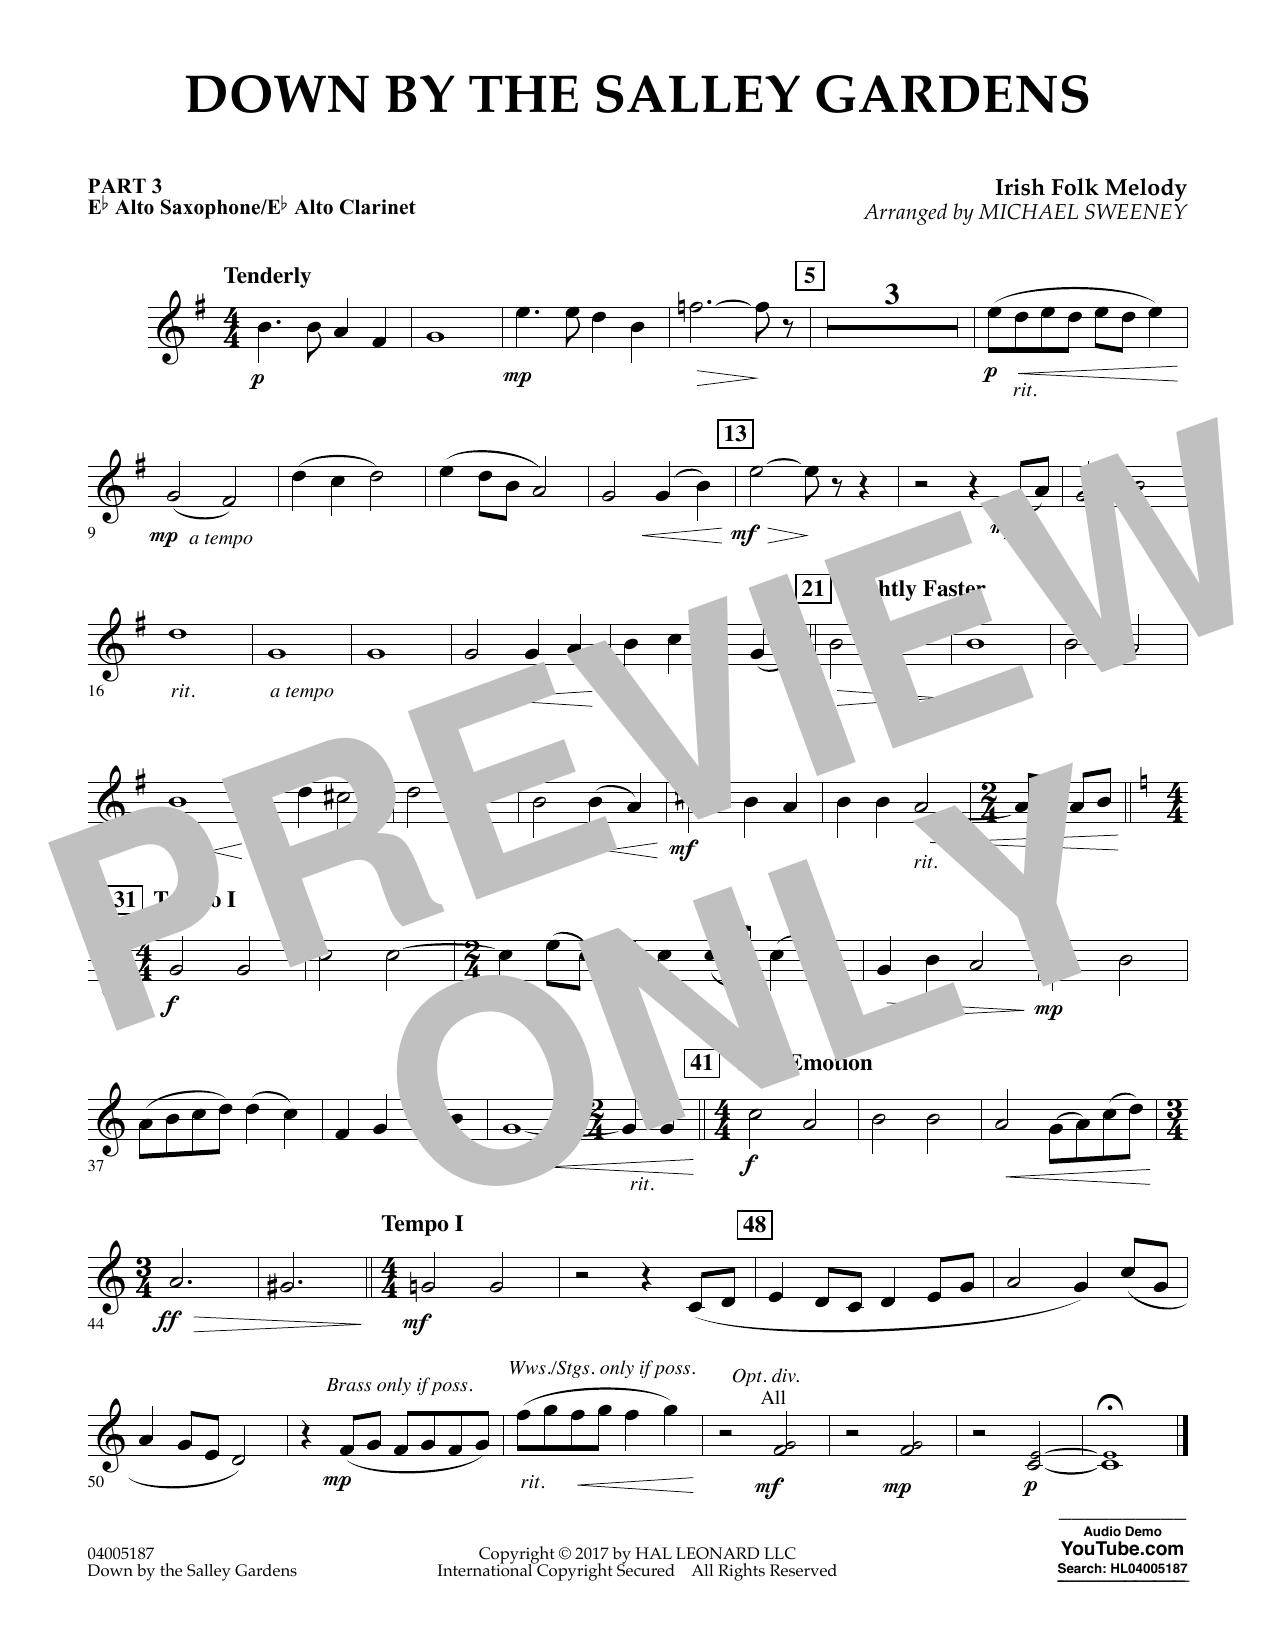 Down by the Salley Gardens - Pt.3 - Eb Alto Sax/Alto Clar. (Flex-Band)